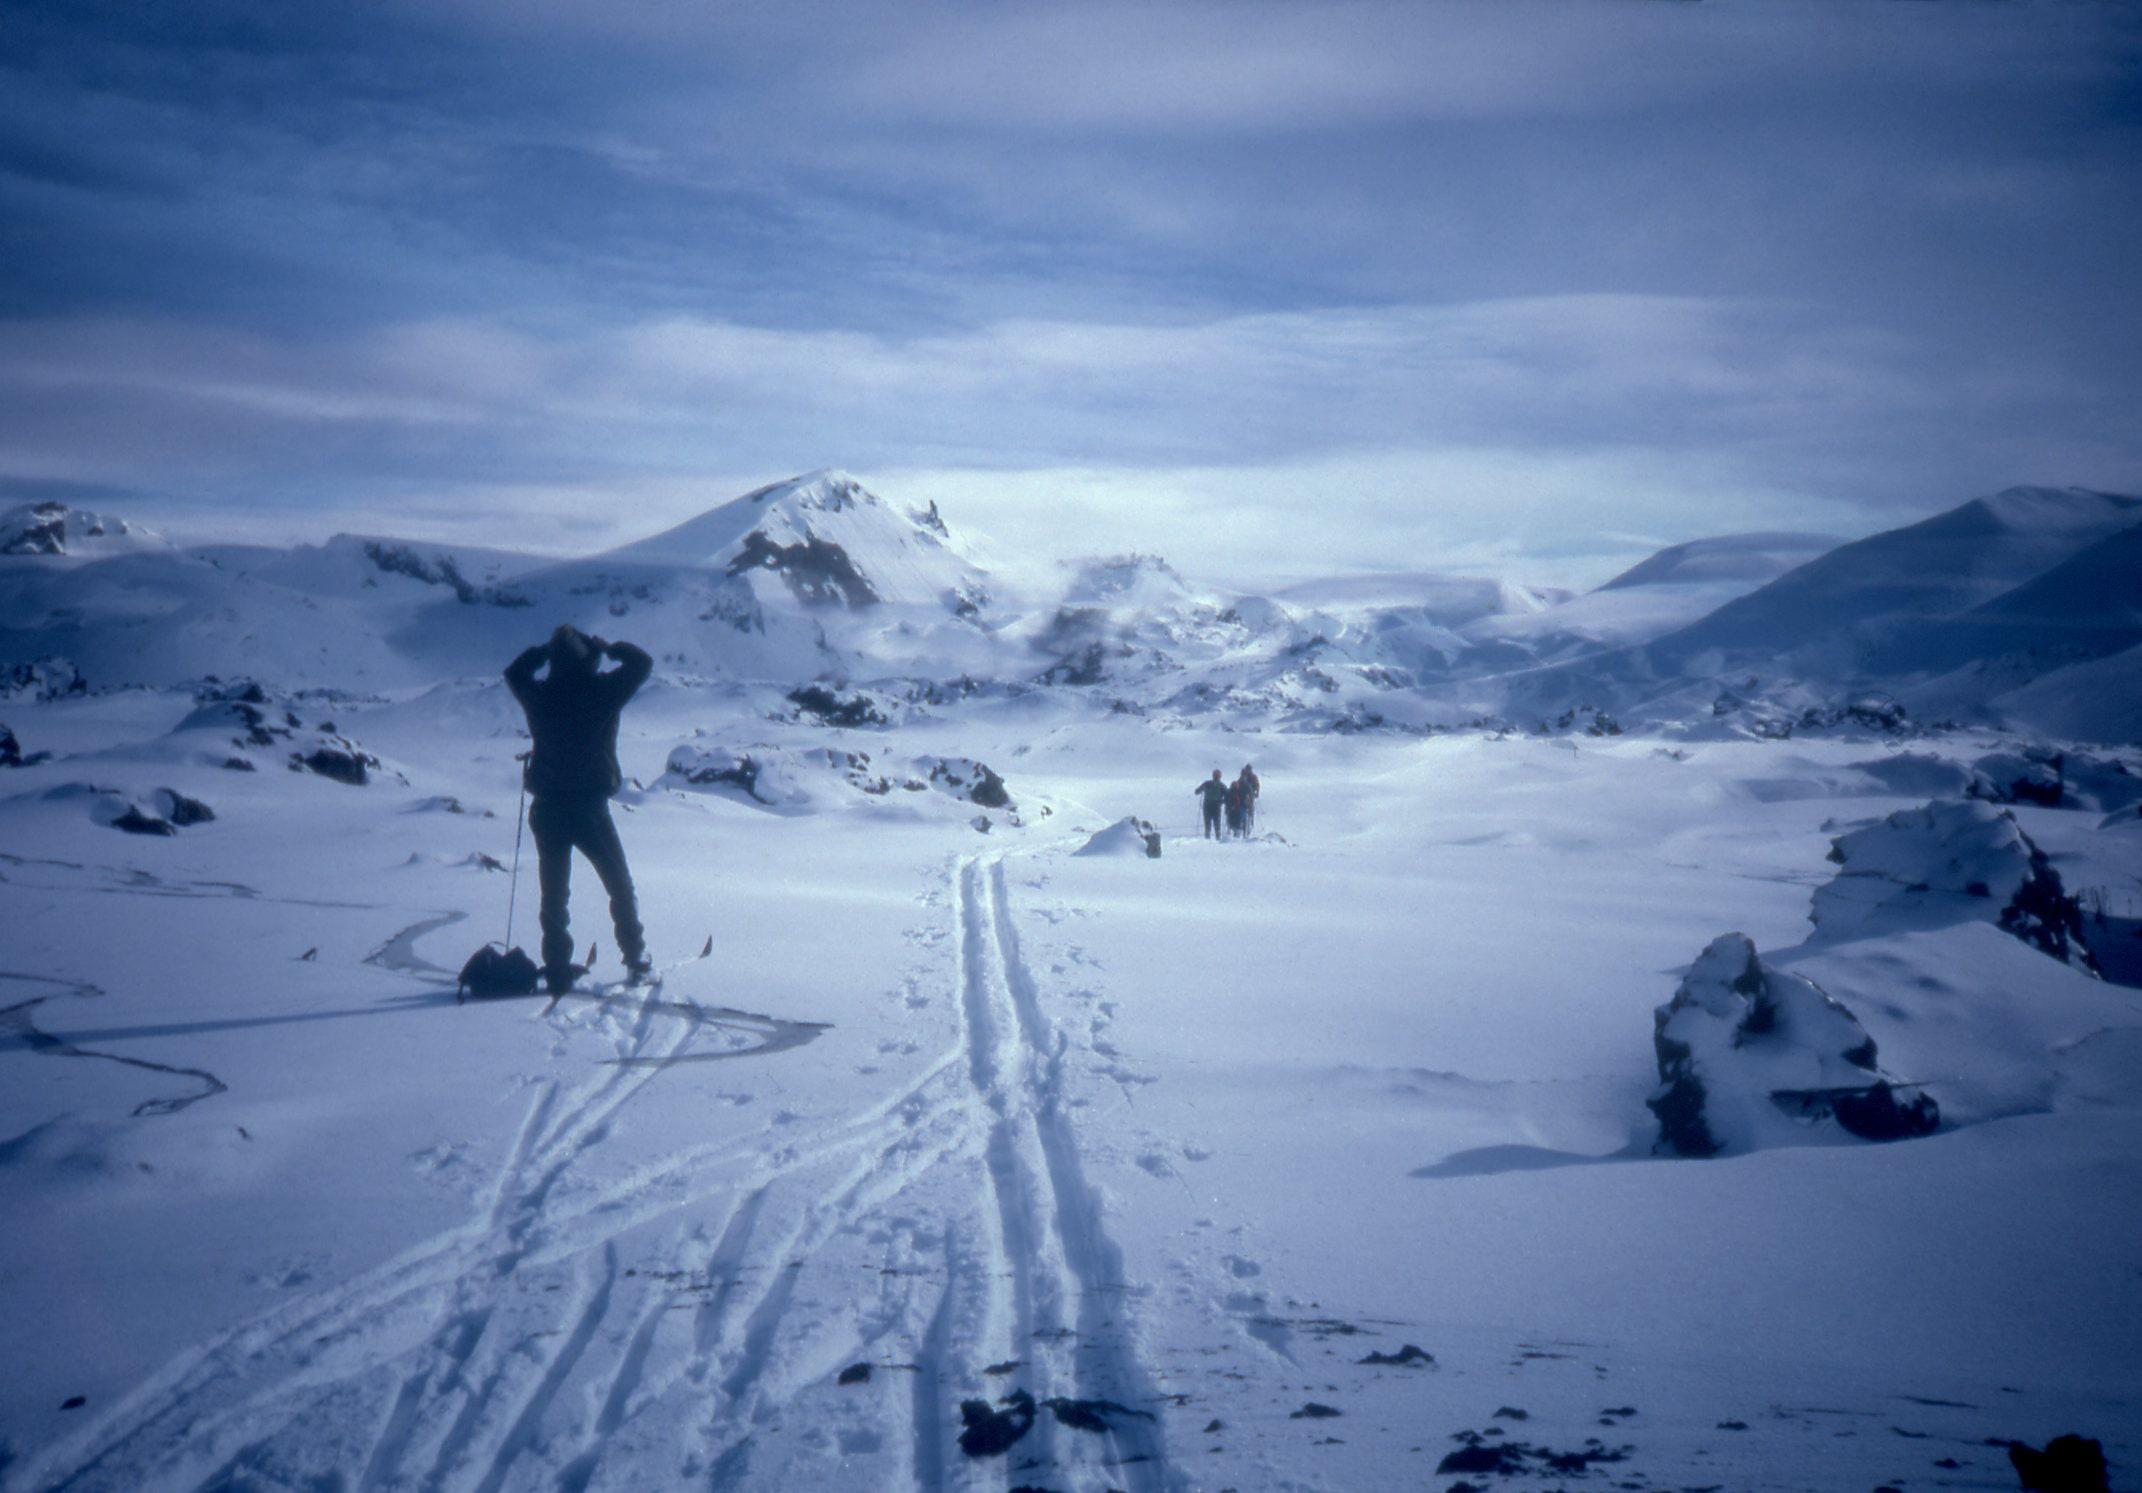 W Islandii łatwo o odmrożenia i przeziębienie.